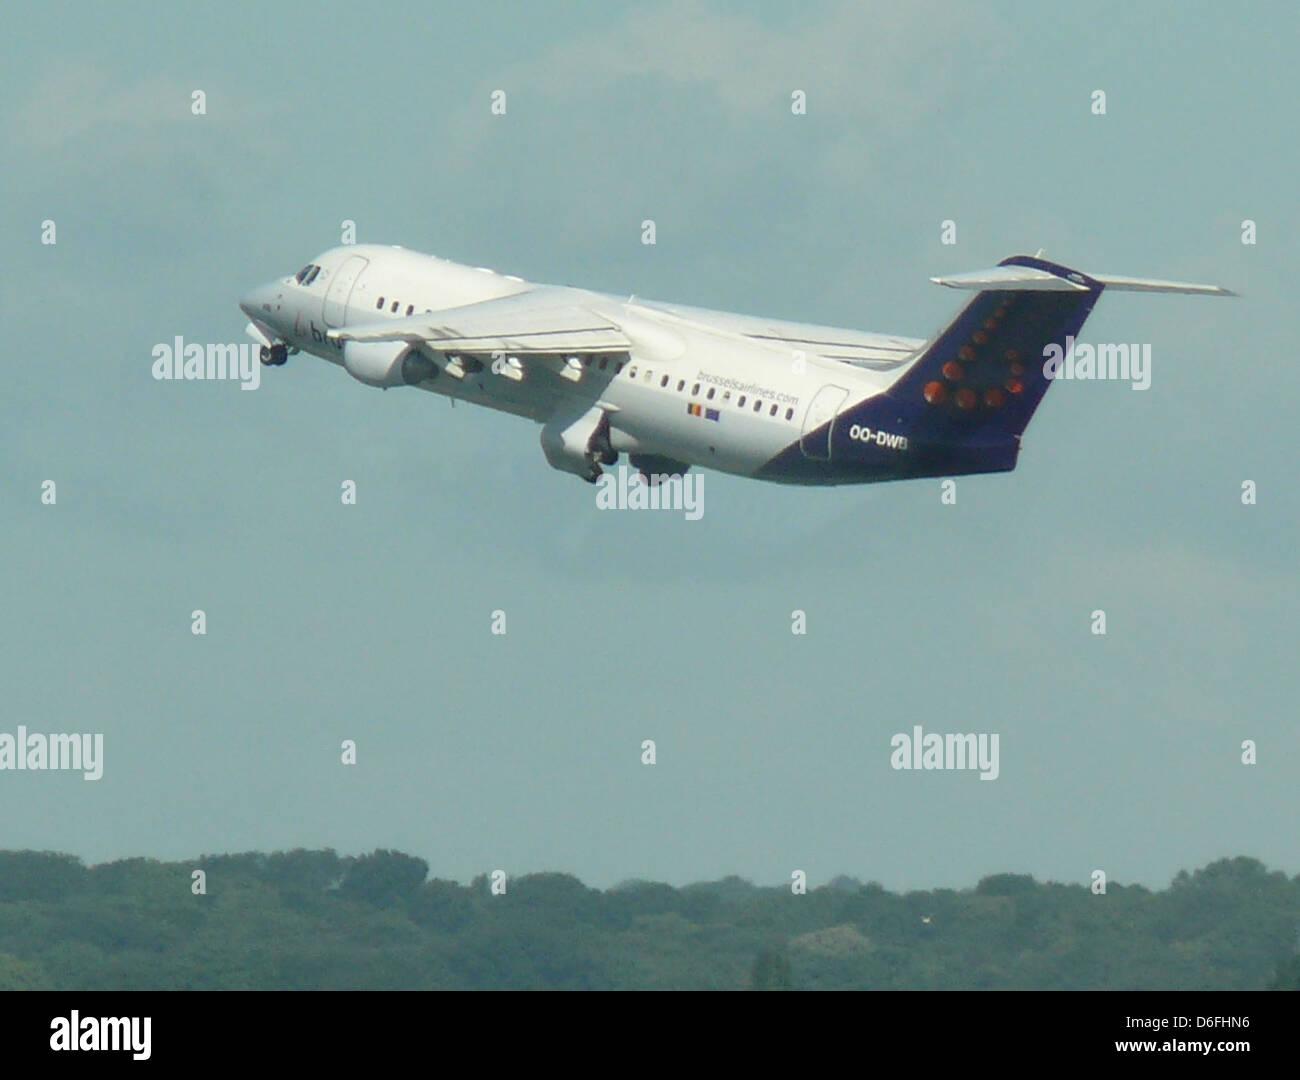 Zaventem Brussels Airlines Avro 146 rj100. - Stock Image